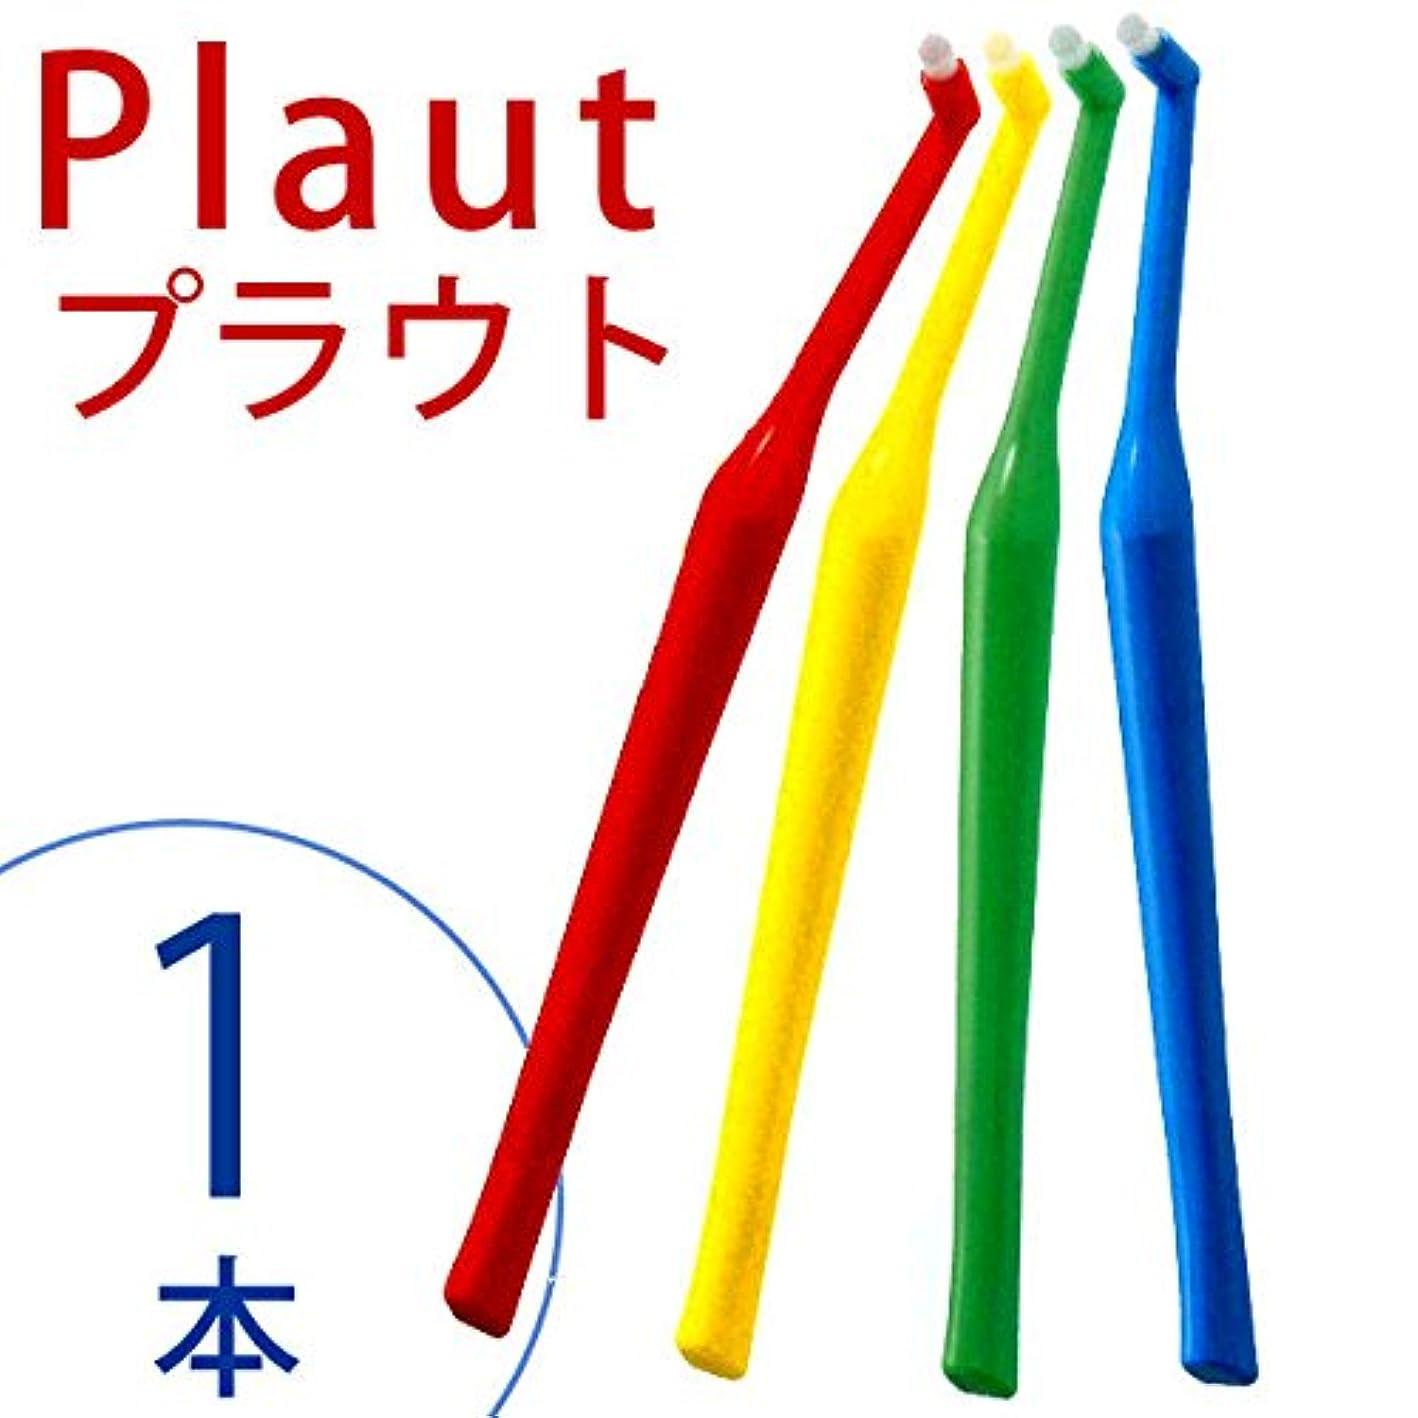 配管工圧縮大胆プラウト 新プラウト スタンダード ワンタフト ブラシ1本単品 S(ソフト) イエロー